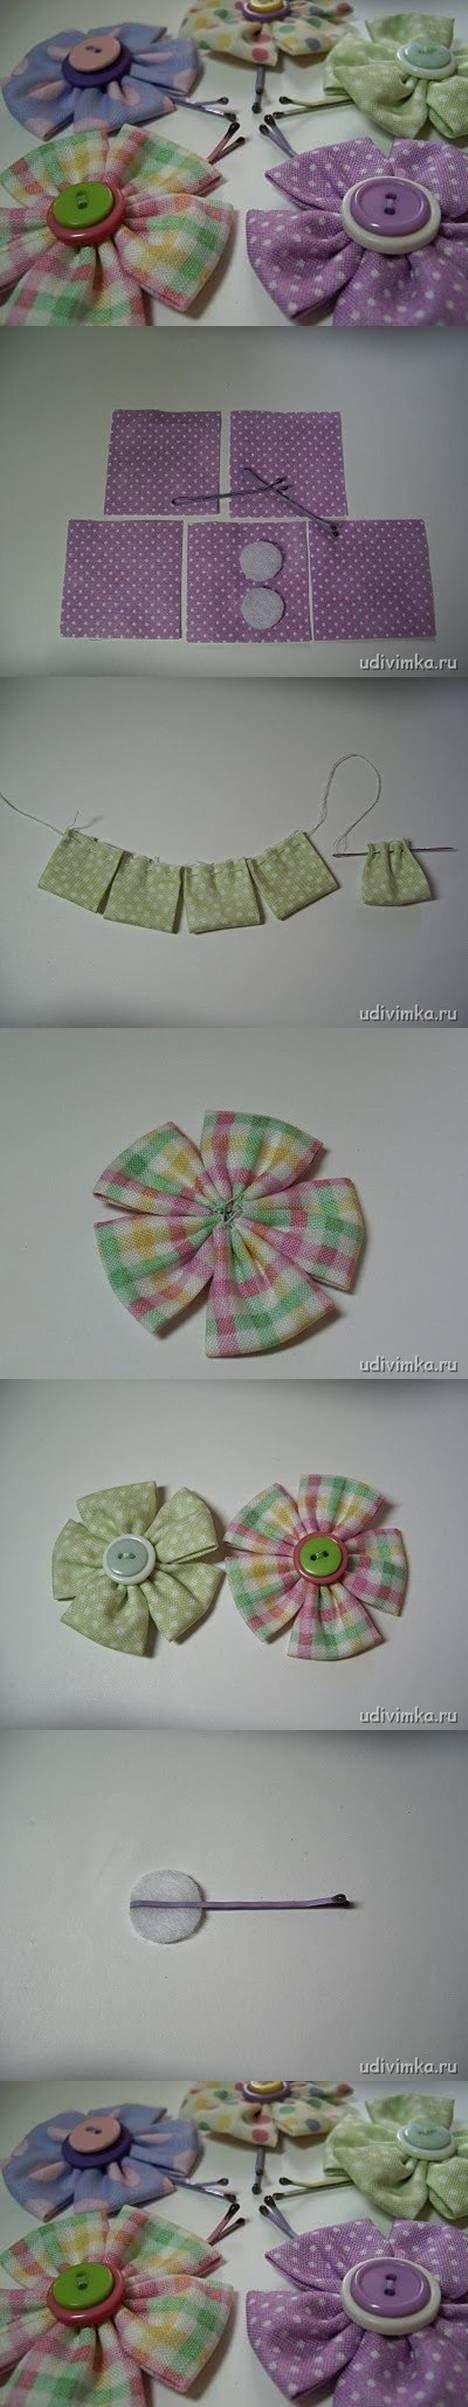 Anleitung / Freebie / Tutorial für eine Stoffblume / Stoffblüte / Haarspange - kostenlos Free tutorial for a fabric flower / blossom / hairpin